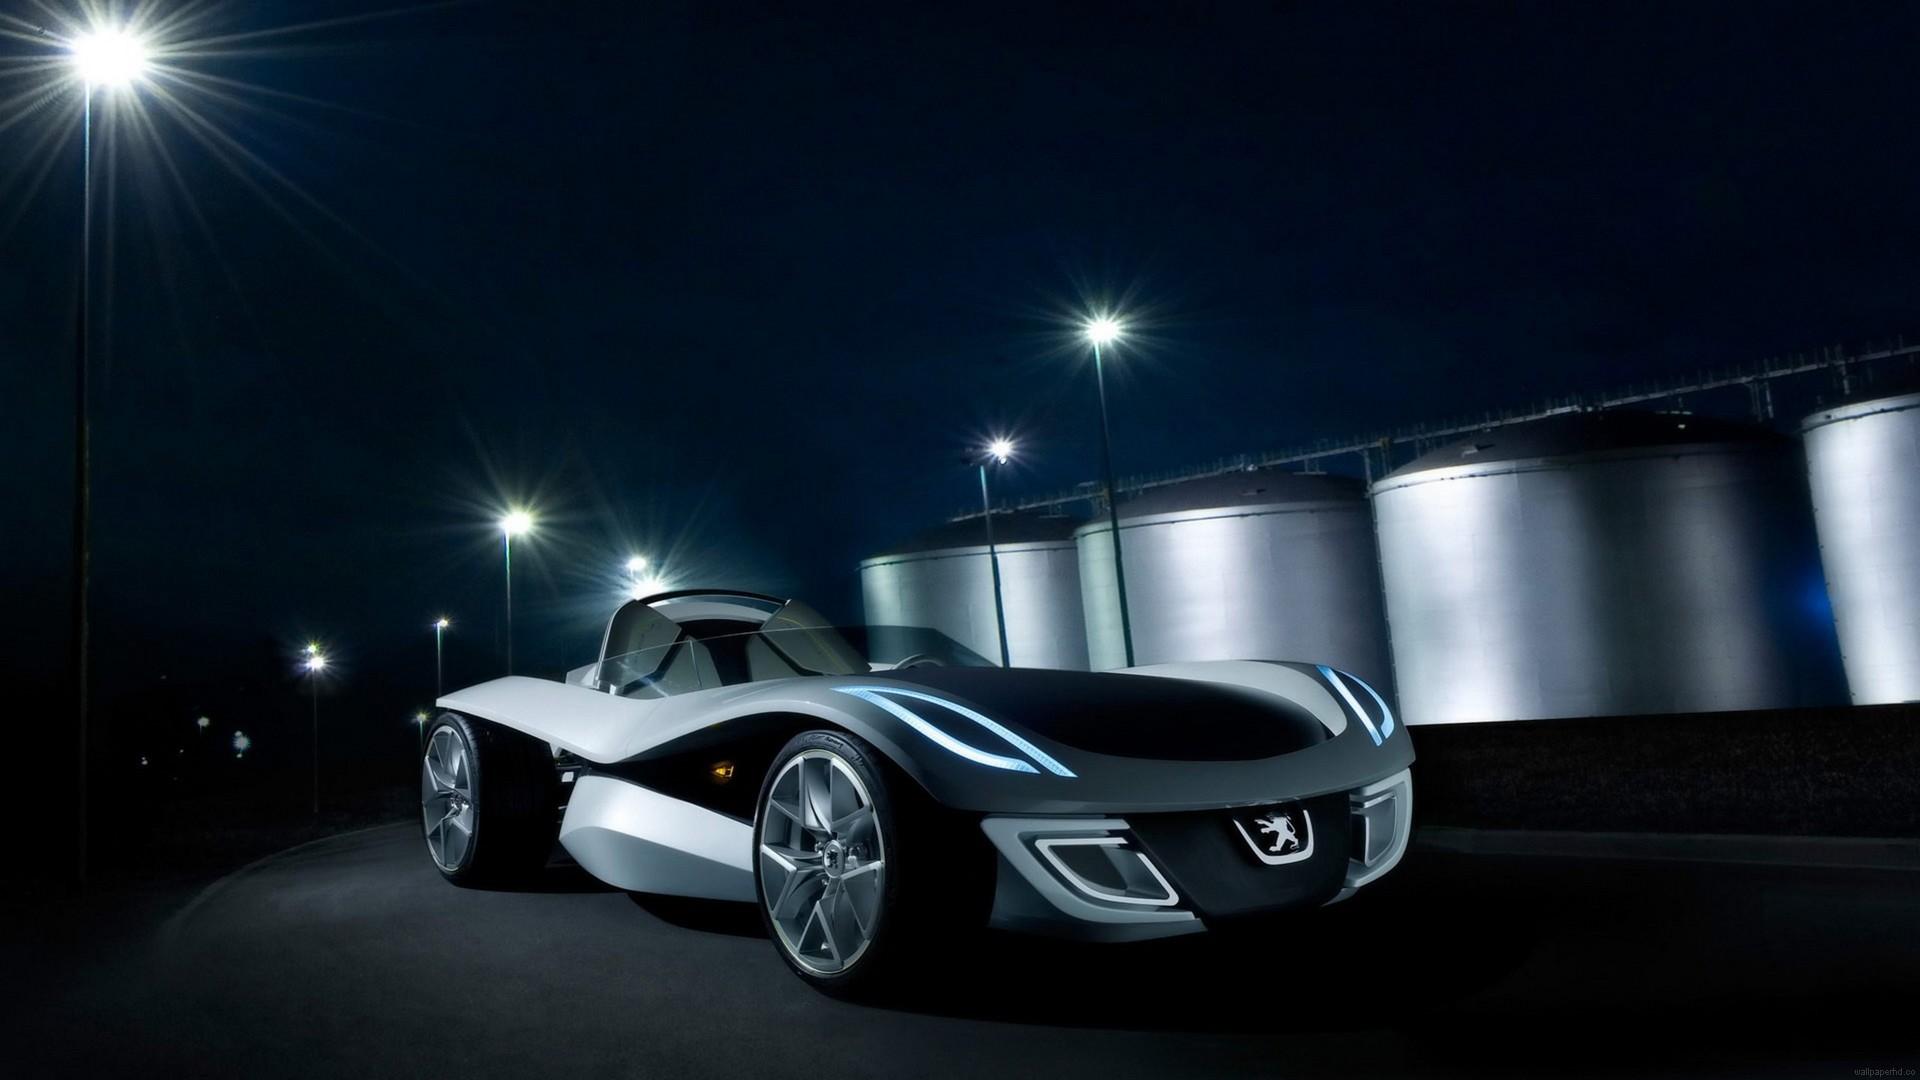 hd 1080p desktop wallpapers cars hd wallpapers 71 Car .